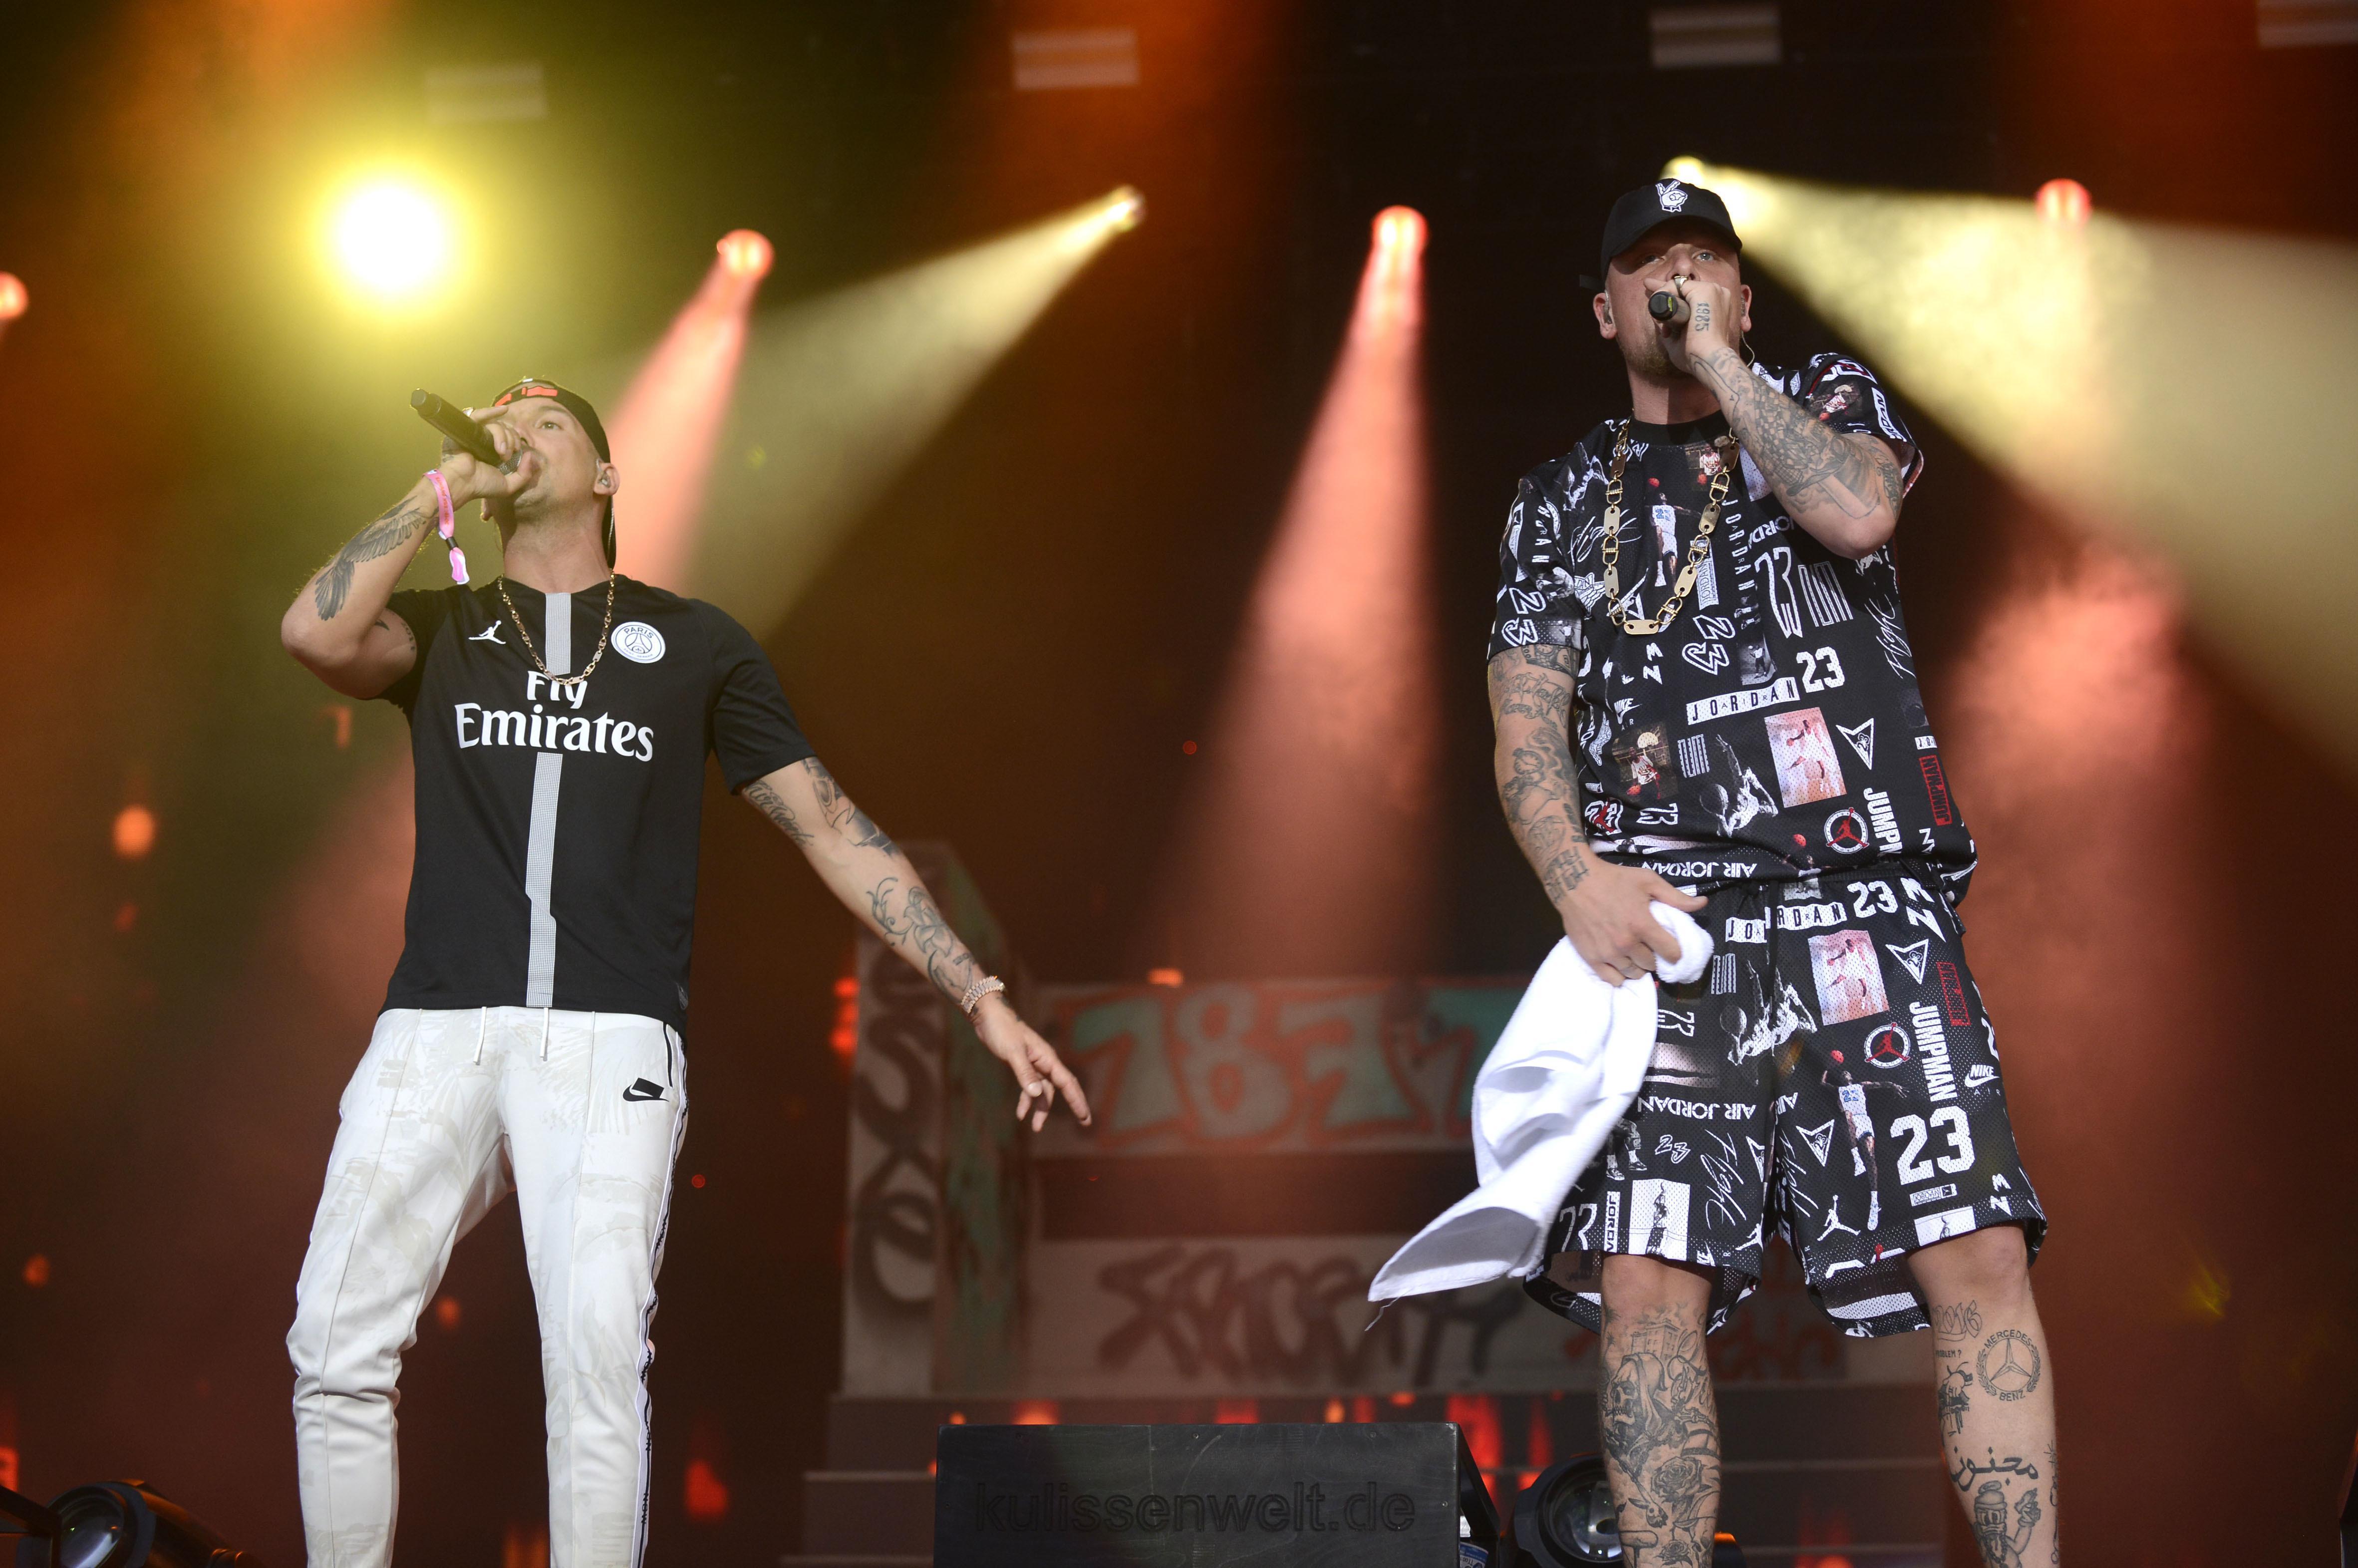 Drohungen gegen Münchner Polizei nach Drogenkontrollen bei Rap-Konzert